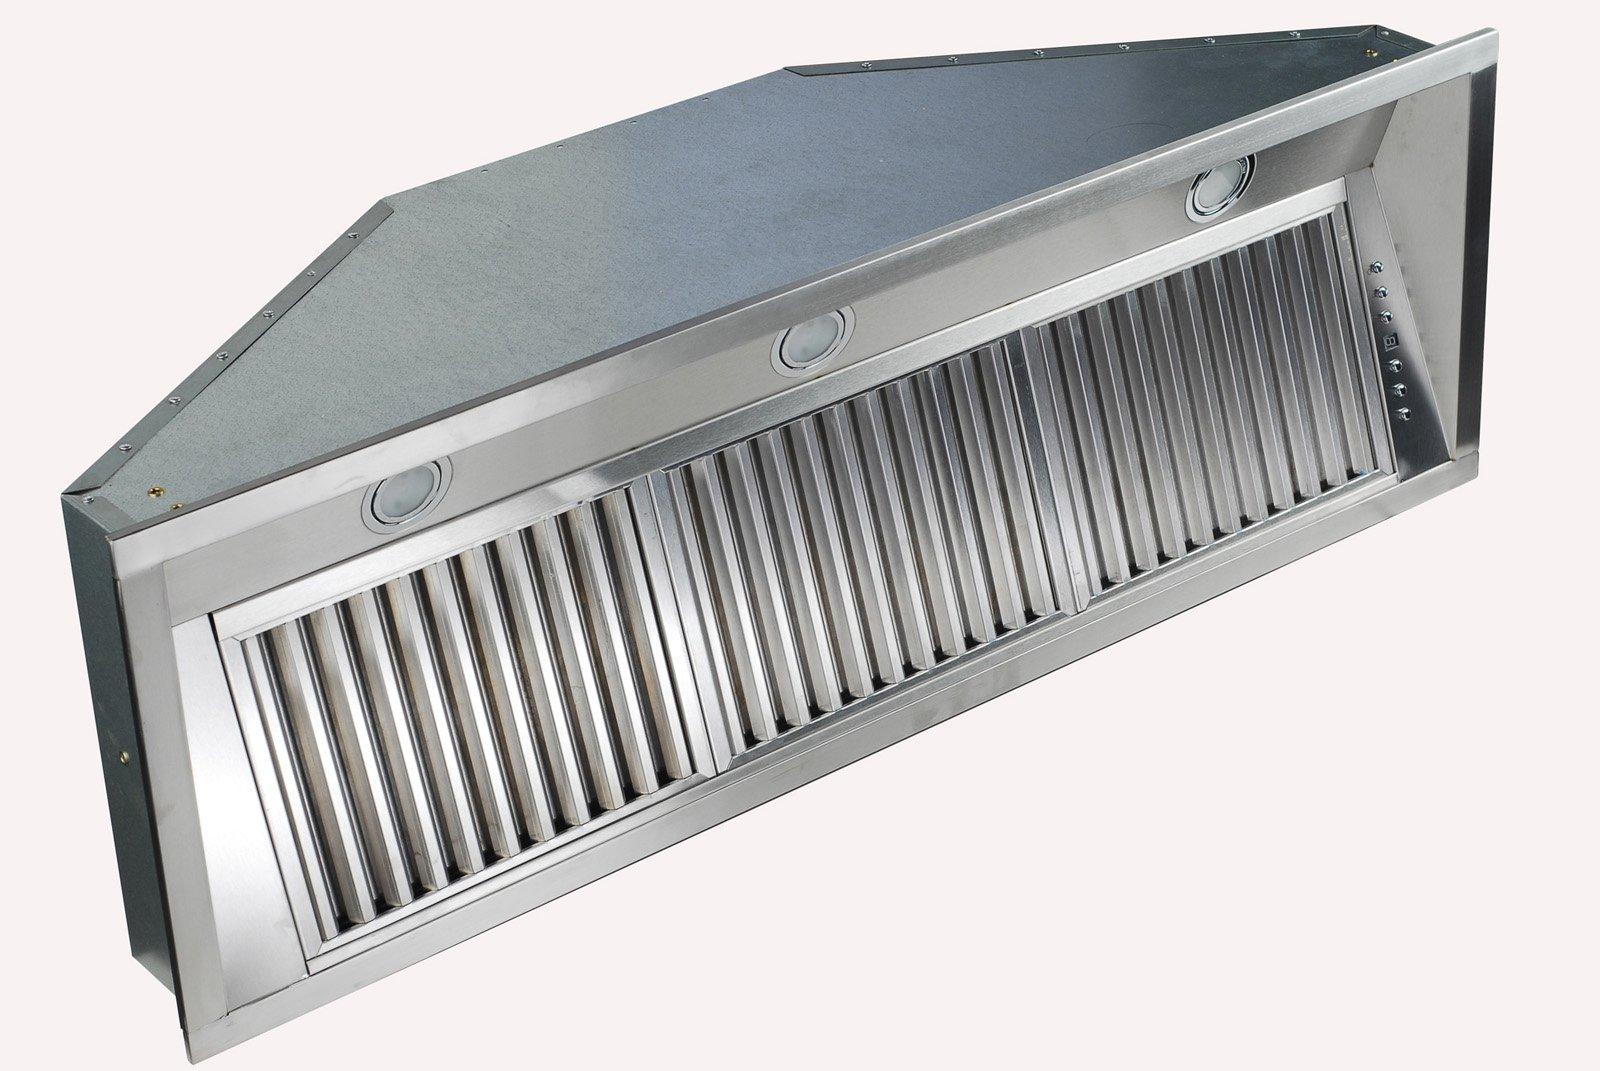 Z Line 695-34 Stainless Steel Range Hood Insert, 34-Inch